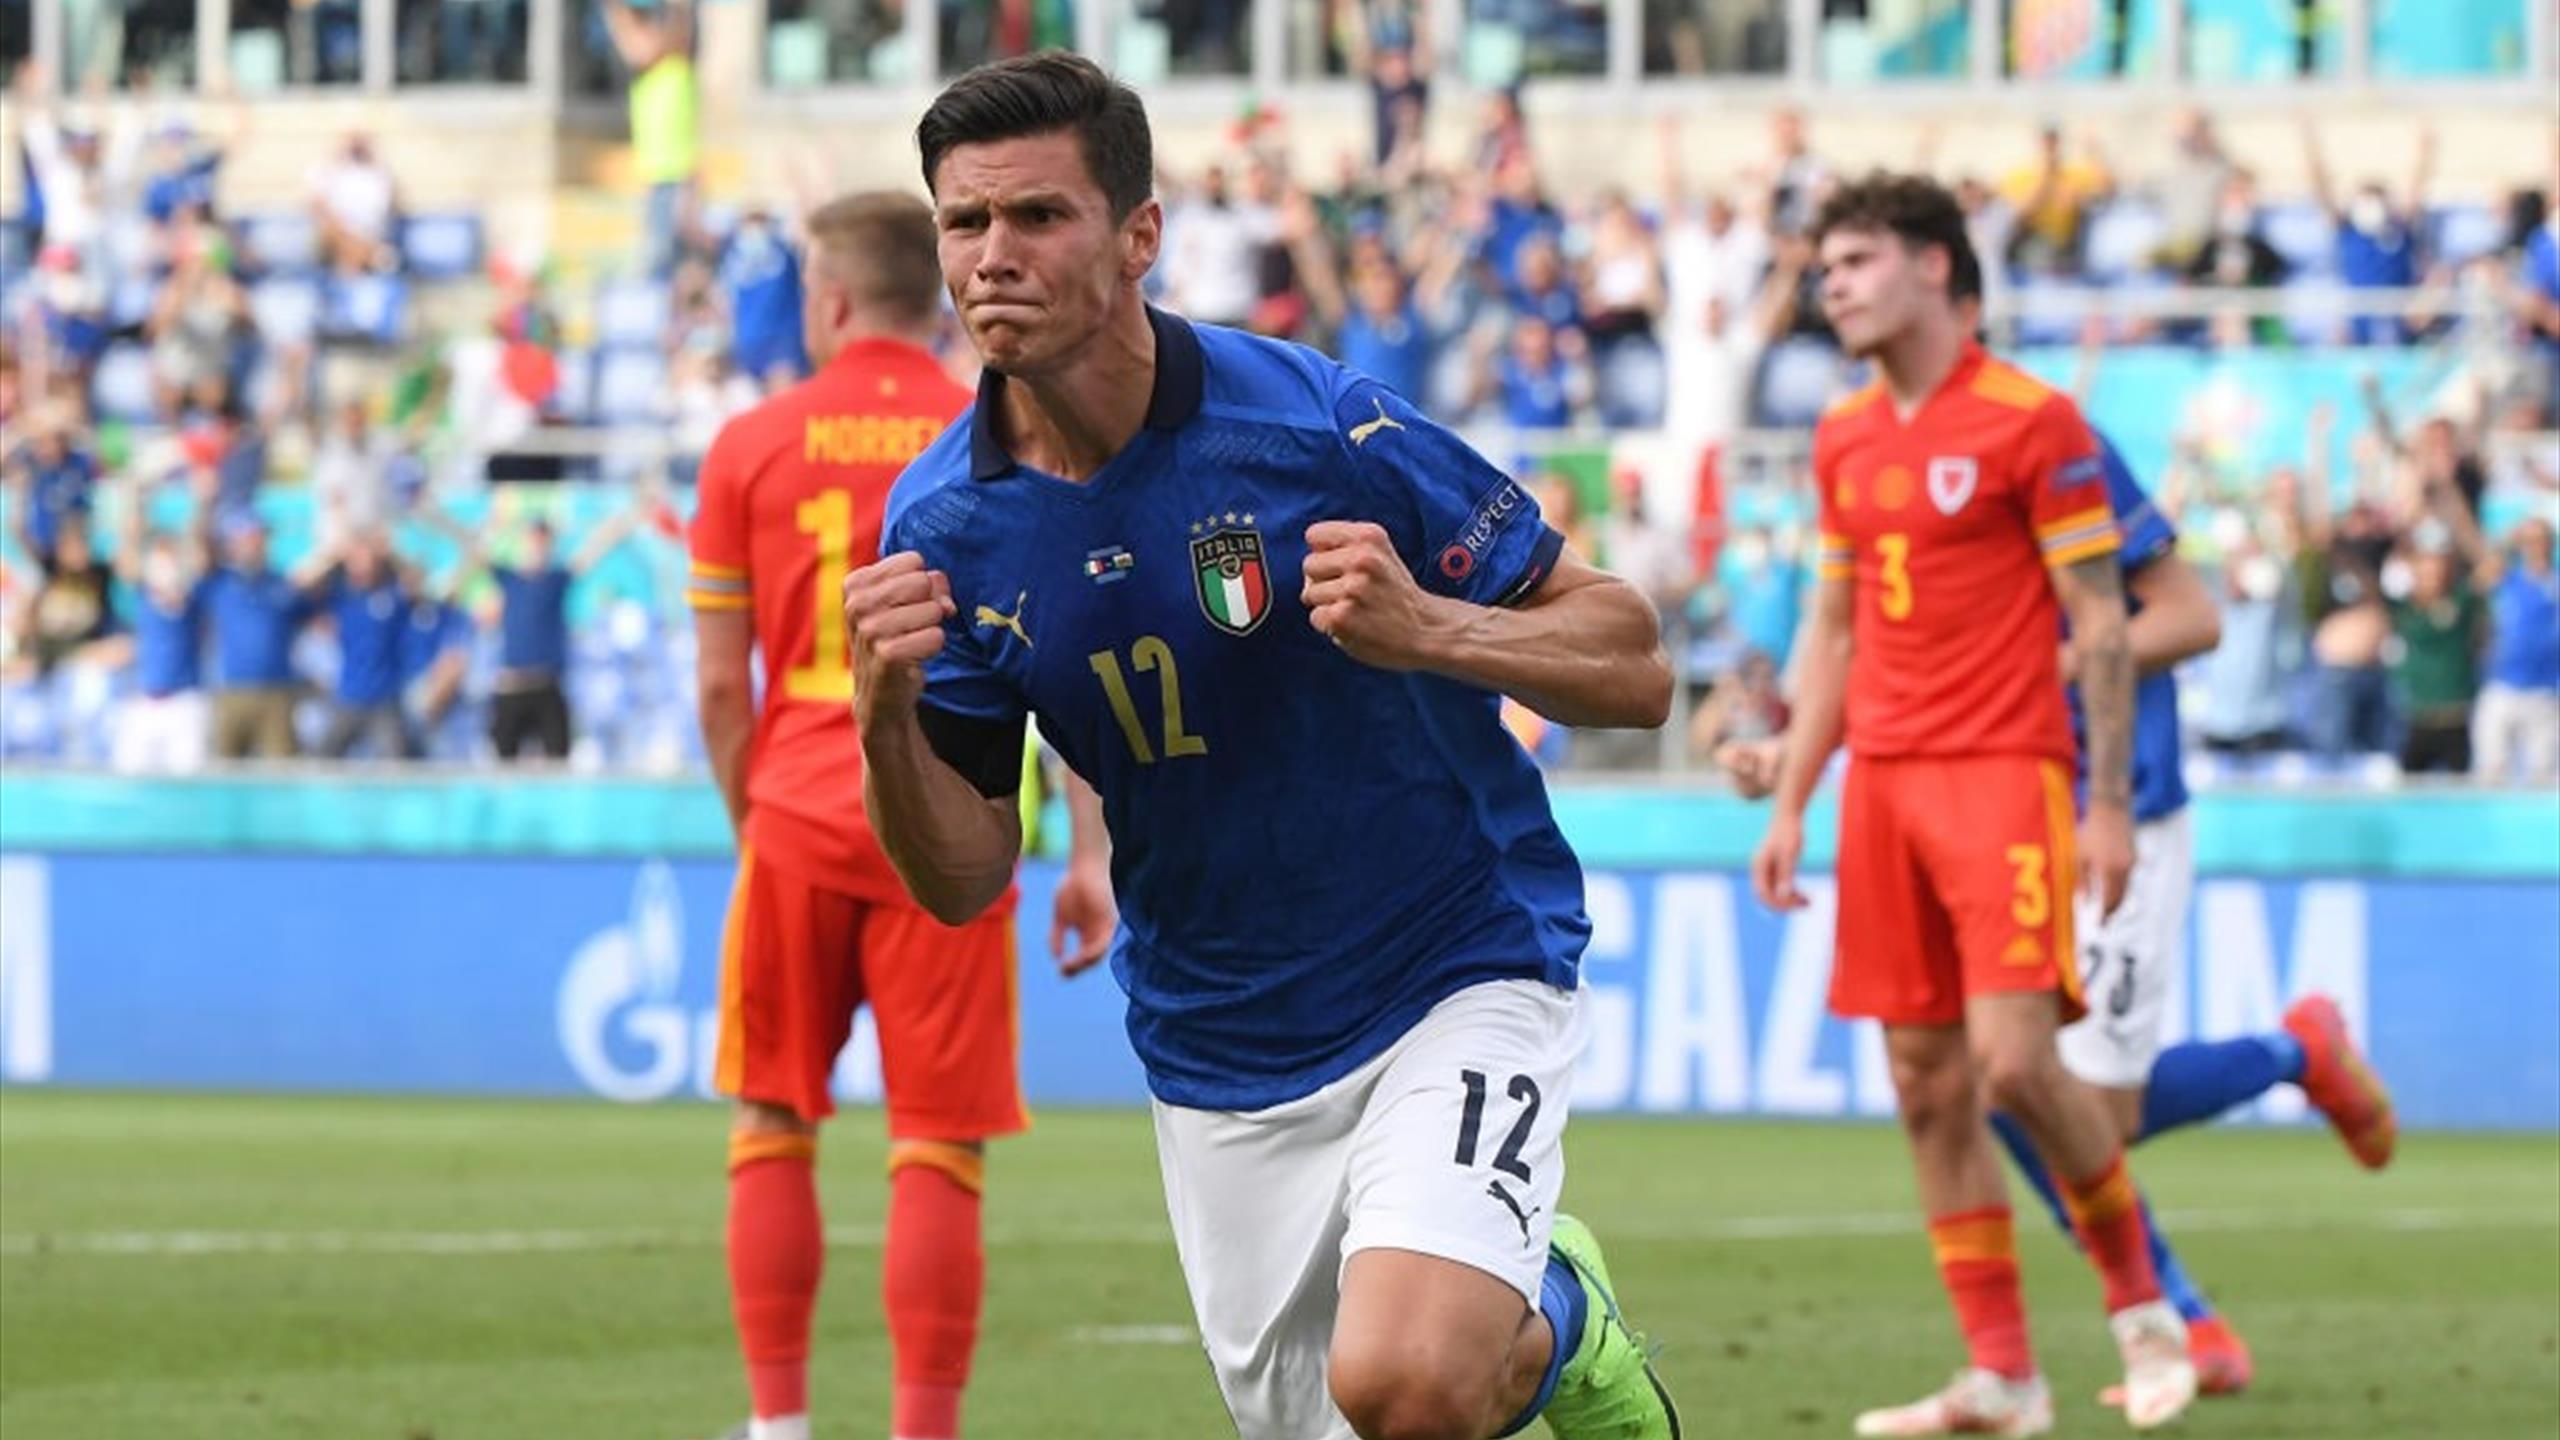 Euro 2020 : L'Italie poursuit son sans-faute contre le Pays de Galles (1-0), également qualifié